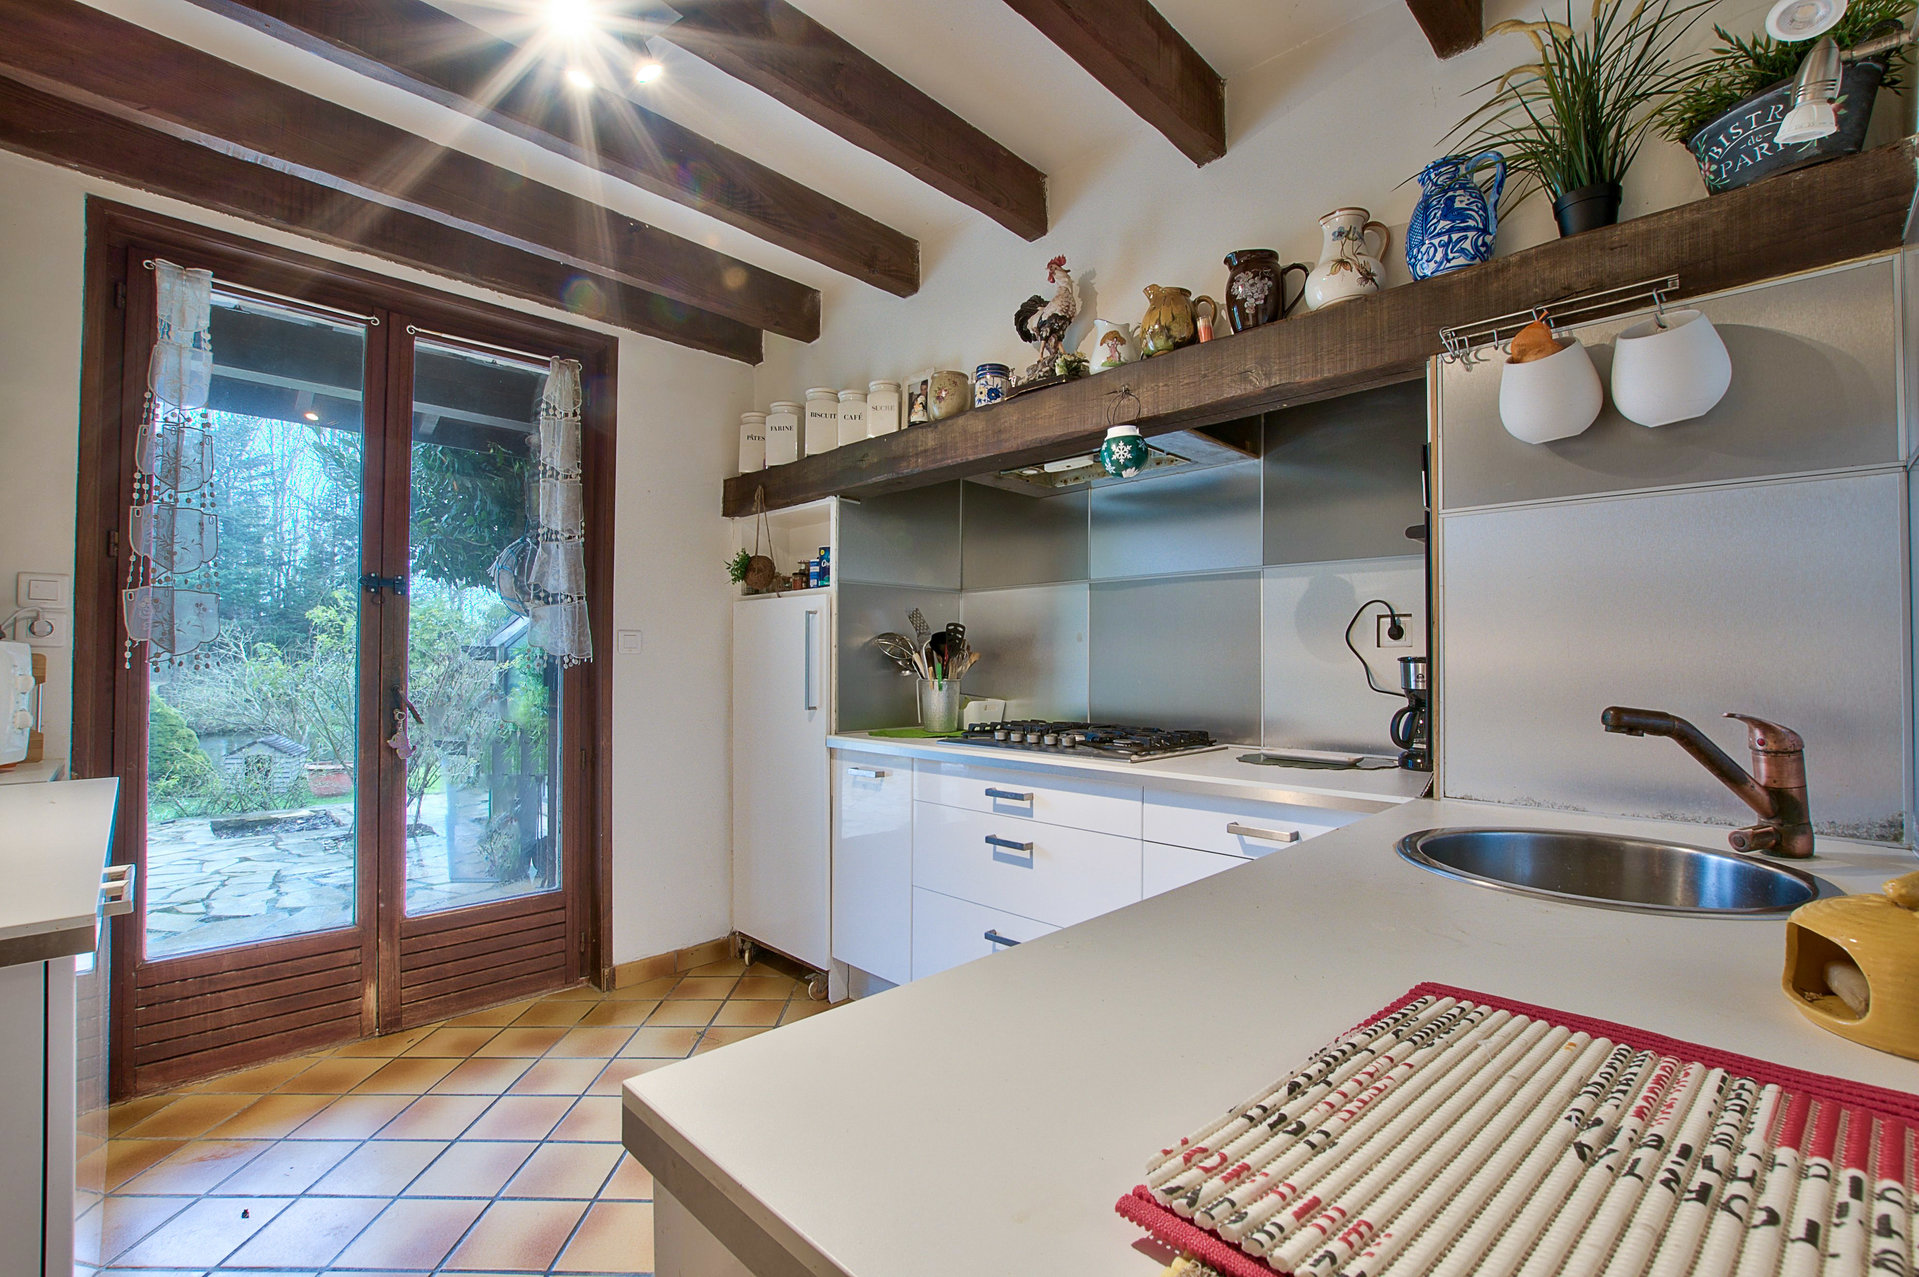 MAISON - 180 m2 - 350 000 €